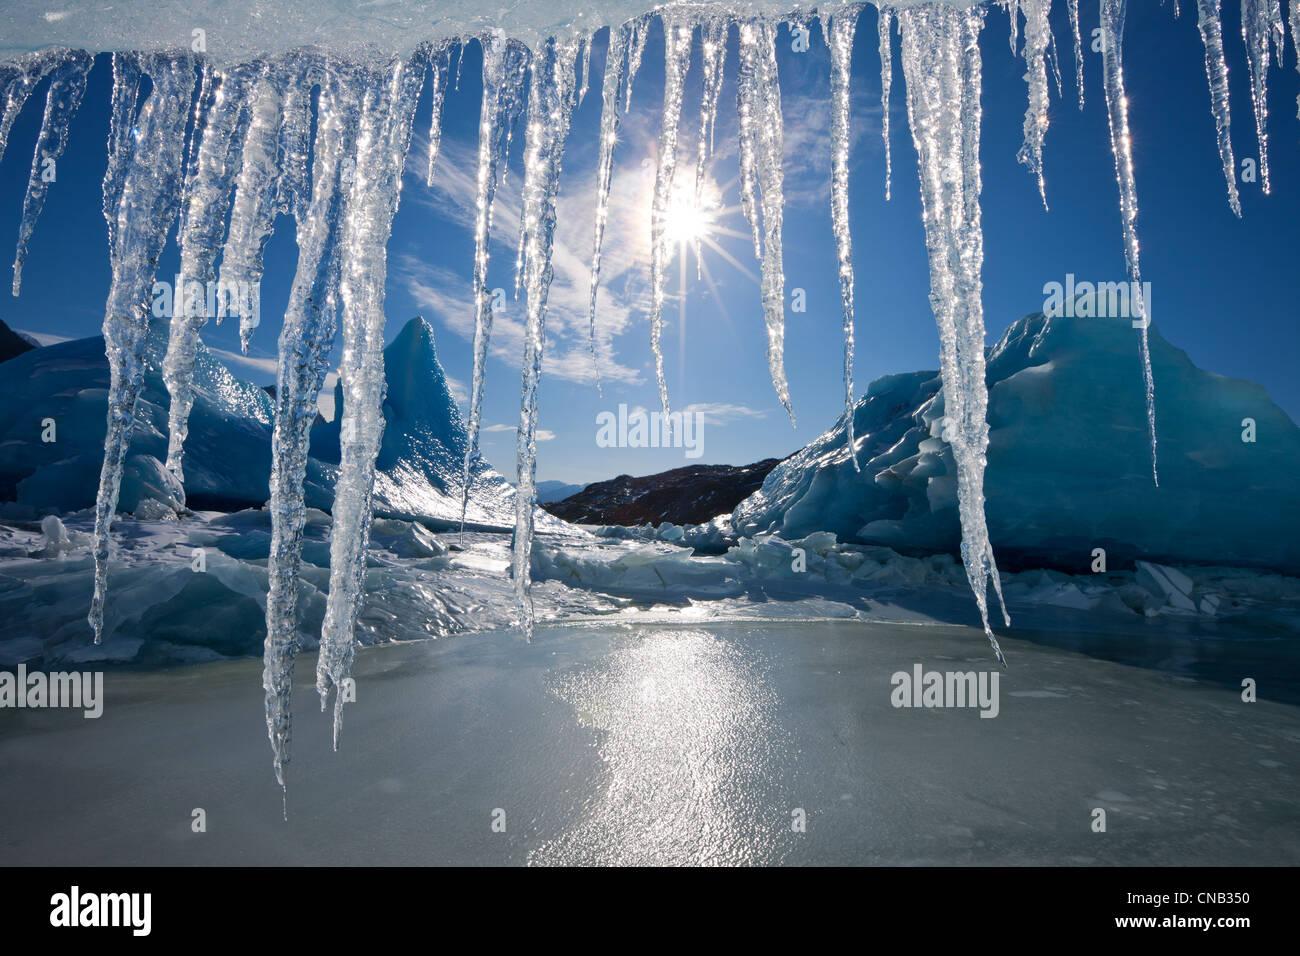 Soleil brille à travers les glaçons suspendus au bord d'un iceberg dans la surface gelée du lac Photo Stock